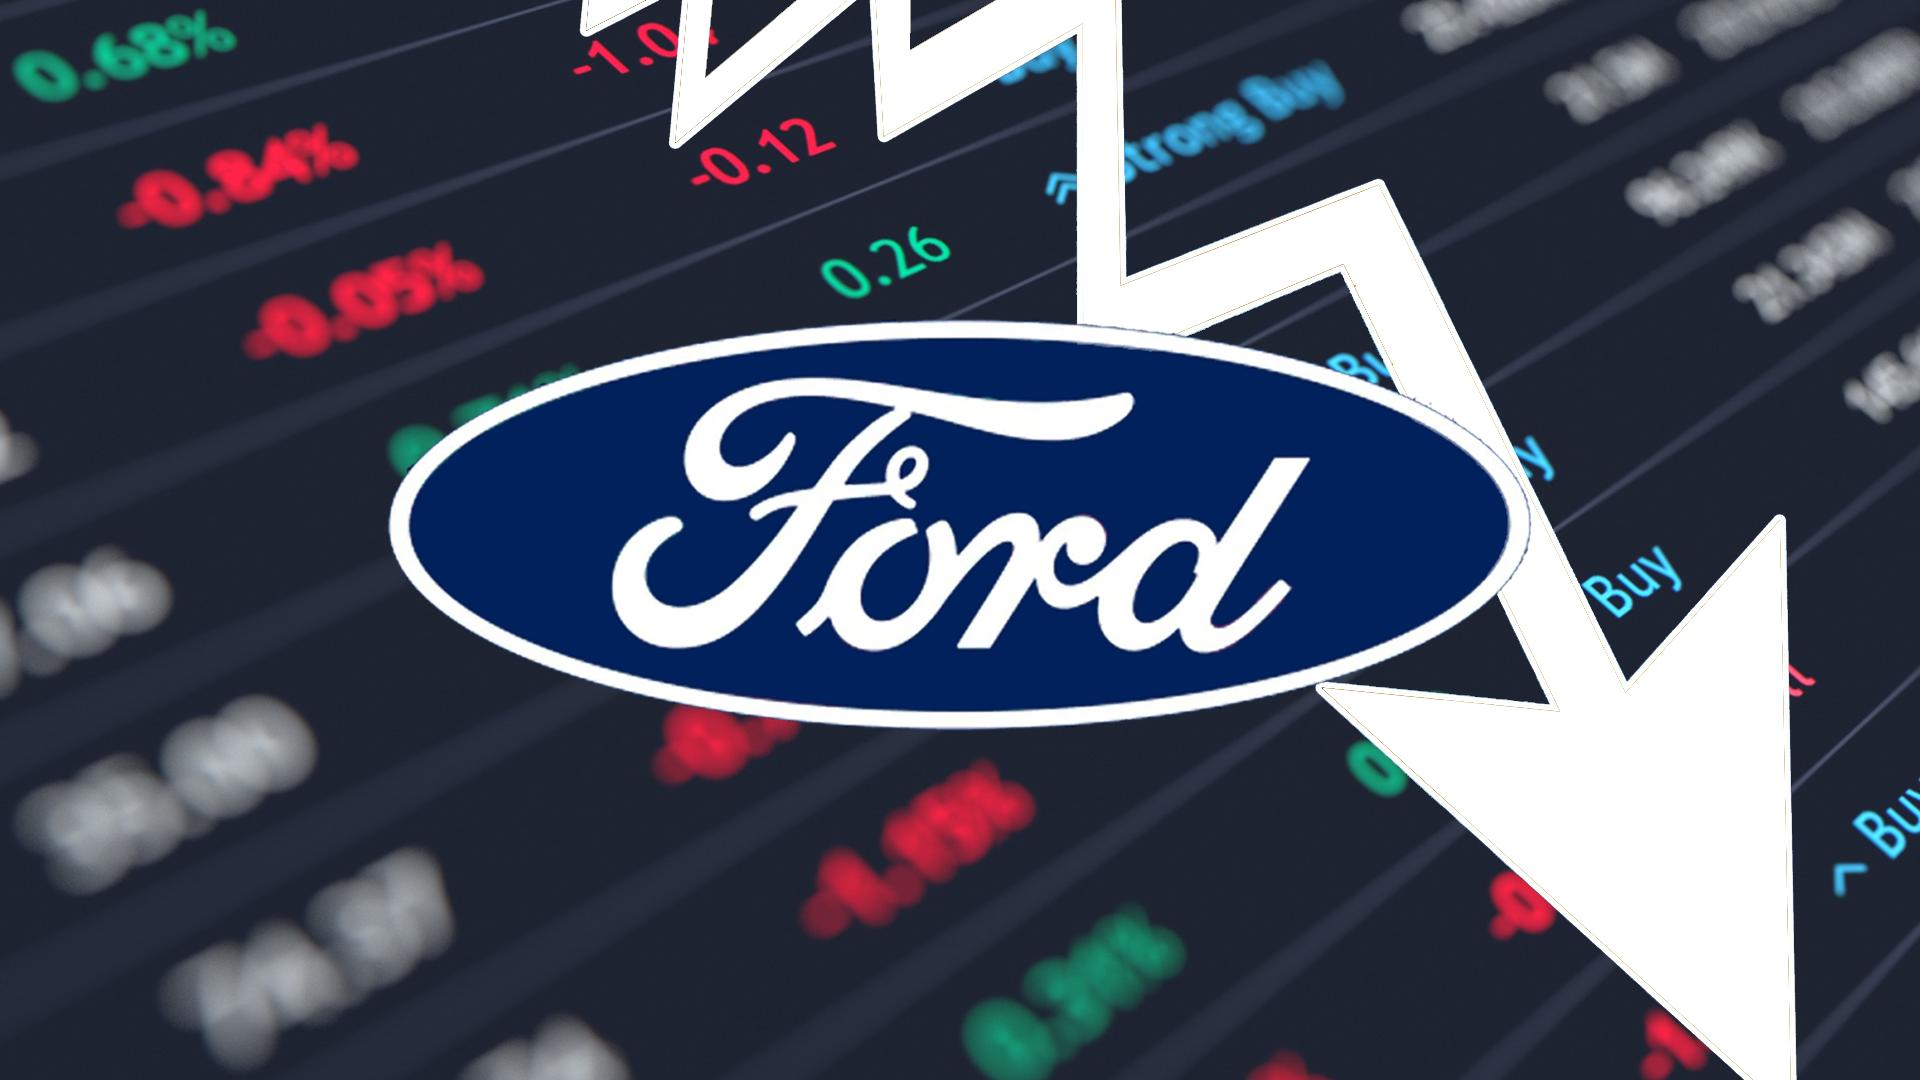 Fábrica da Ford no Brasil tinha prejuízo milionários por dia